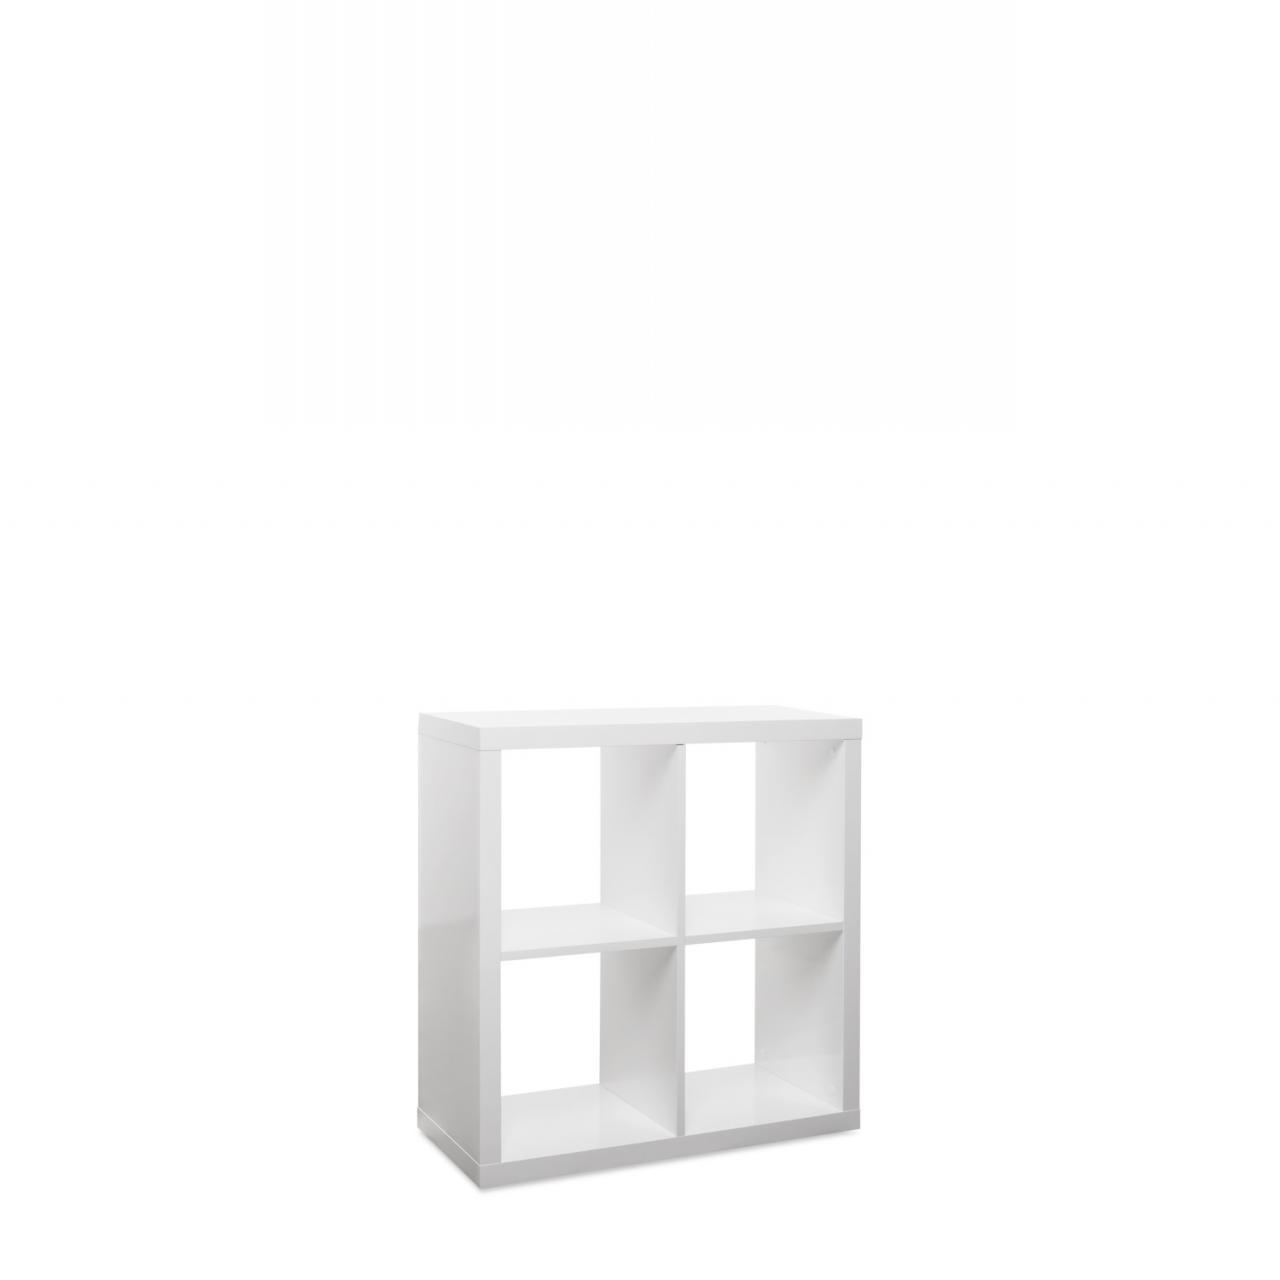 4er Würfel Milano 23 2736 Weiß Hochglanz Regal Aufbewahrung Bücherregal